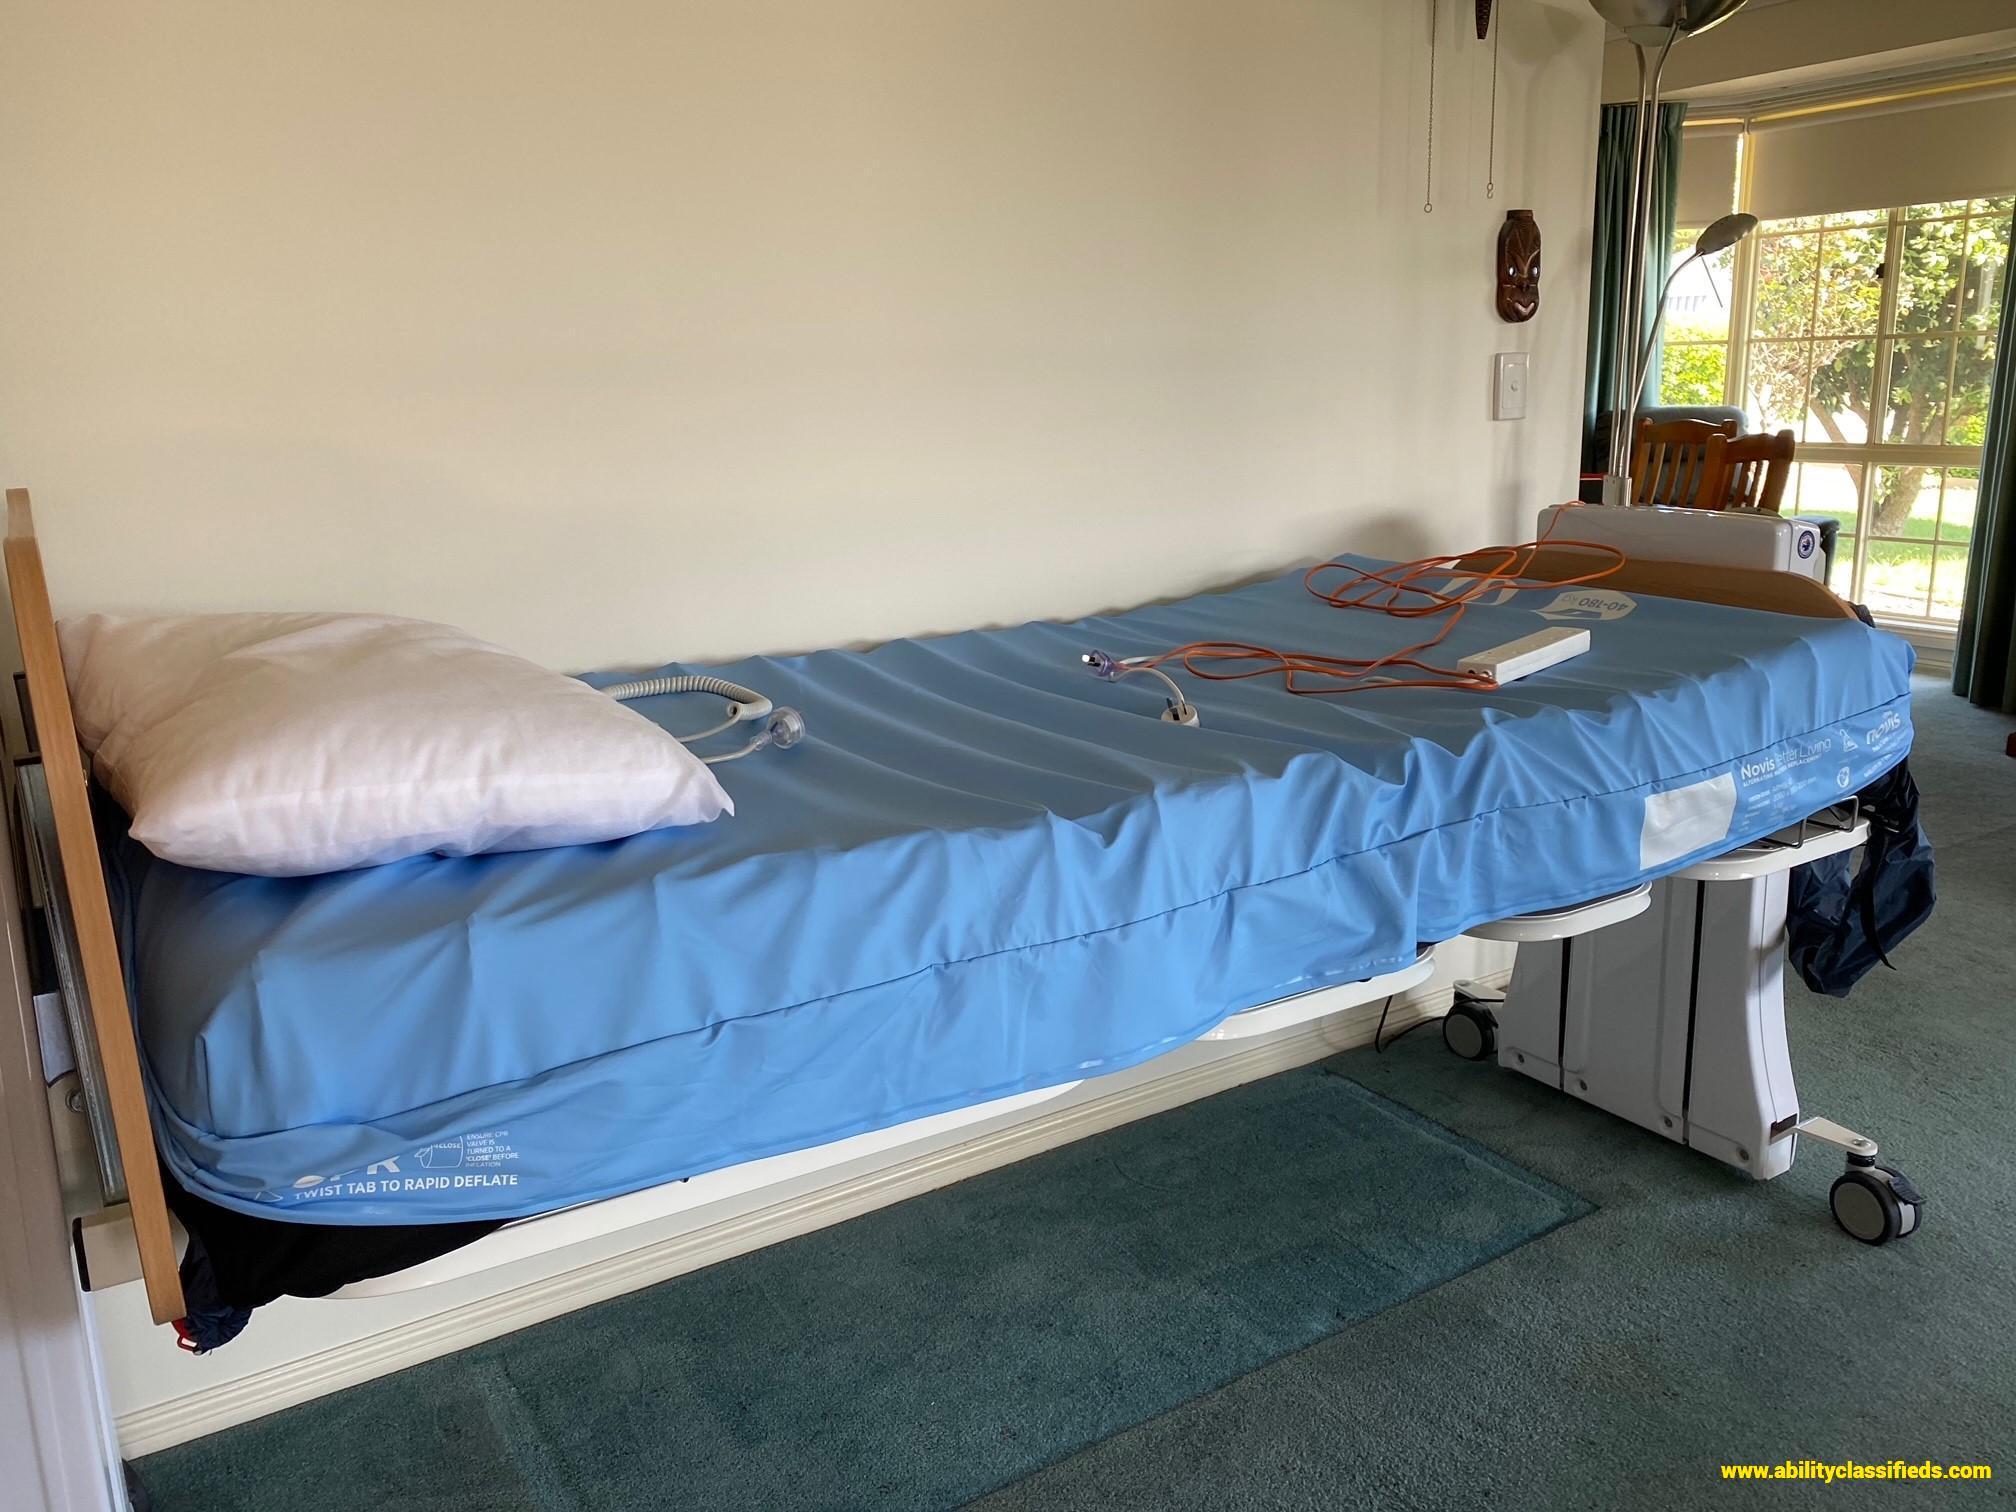 Floorline Hi-Low Electric Bed